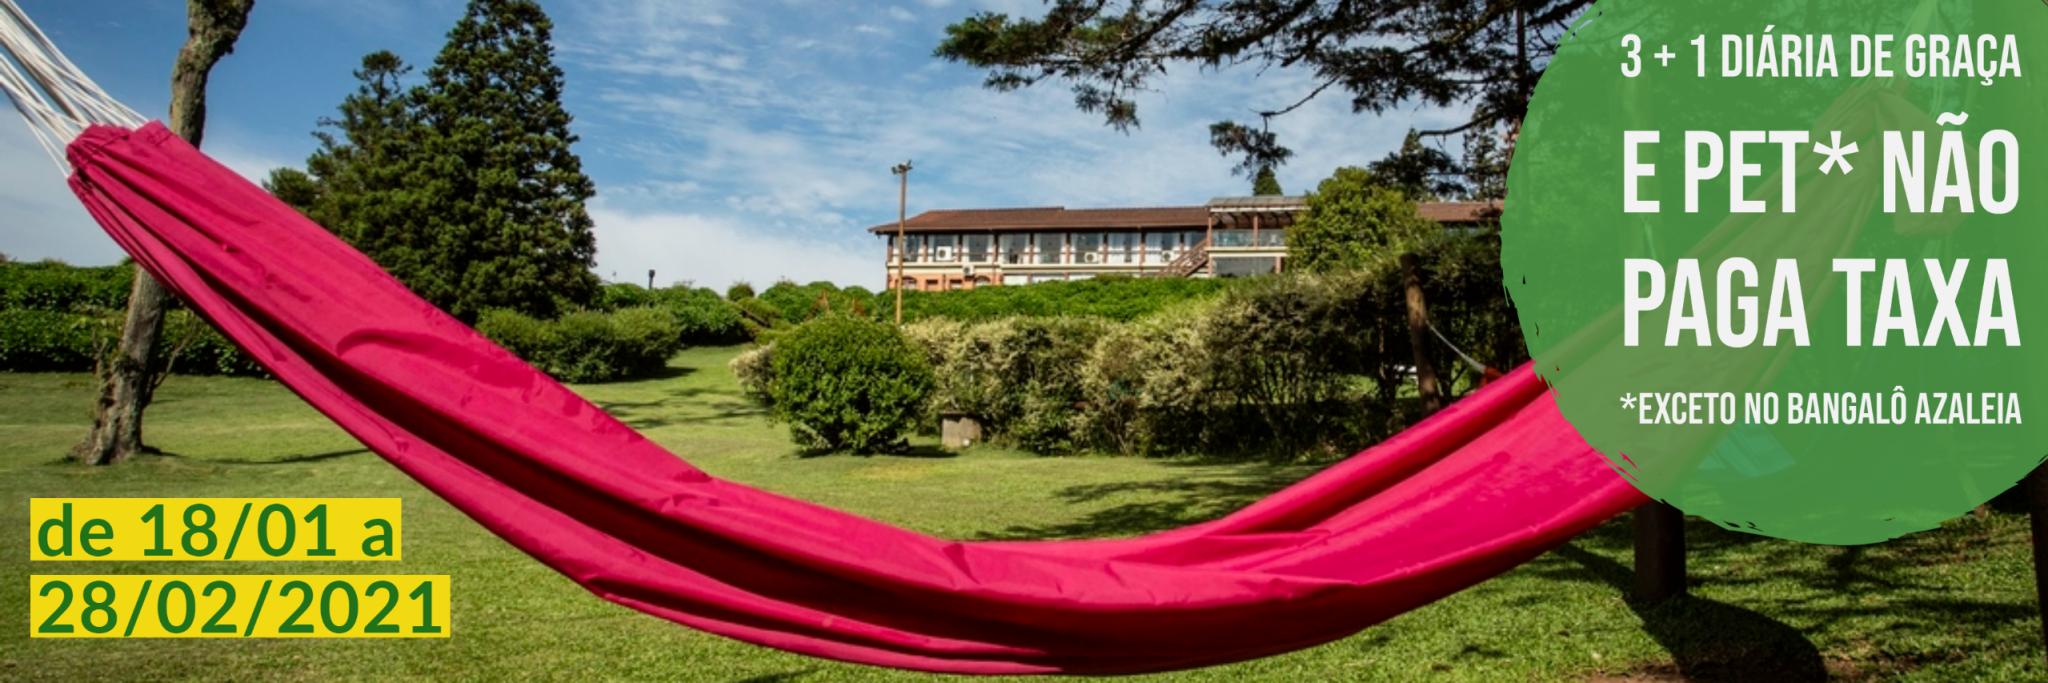 Promo Verão em Gramado - Cabanas na Serra Gaúcha